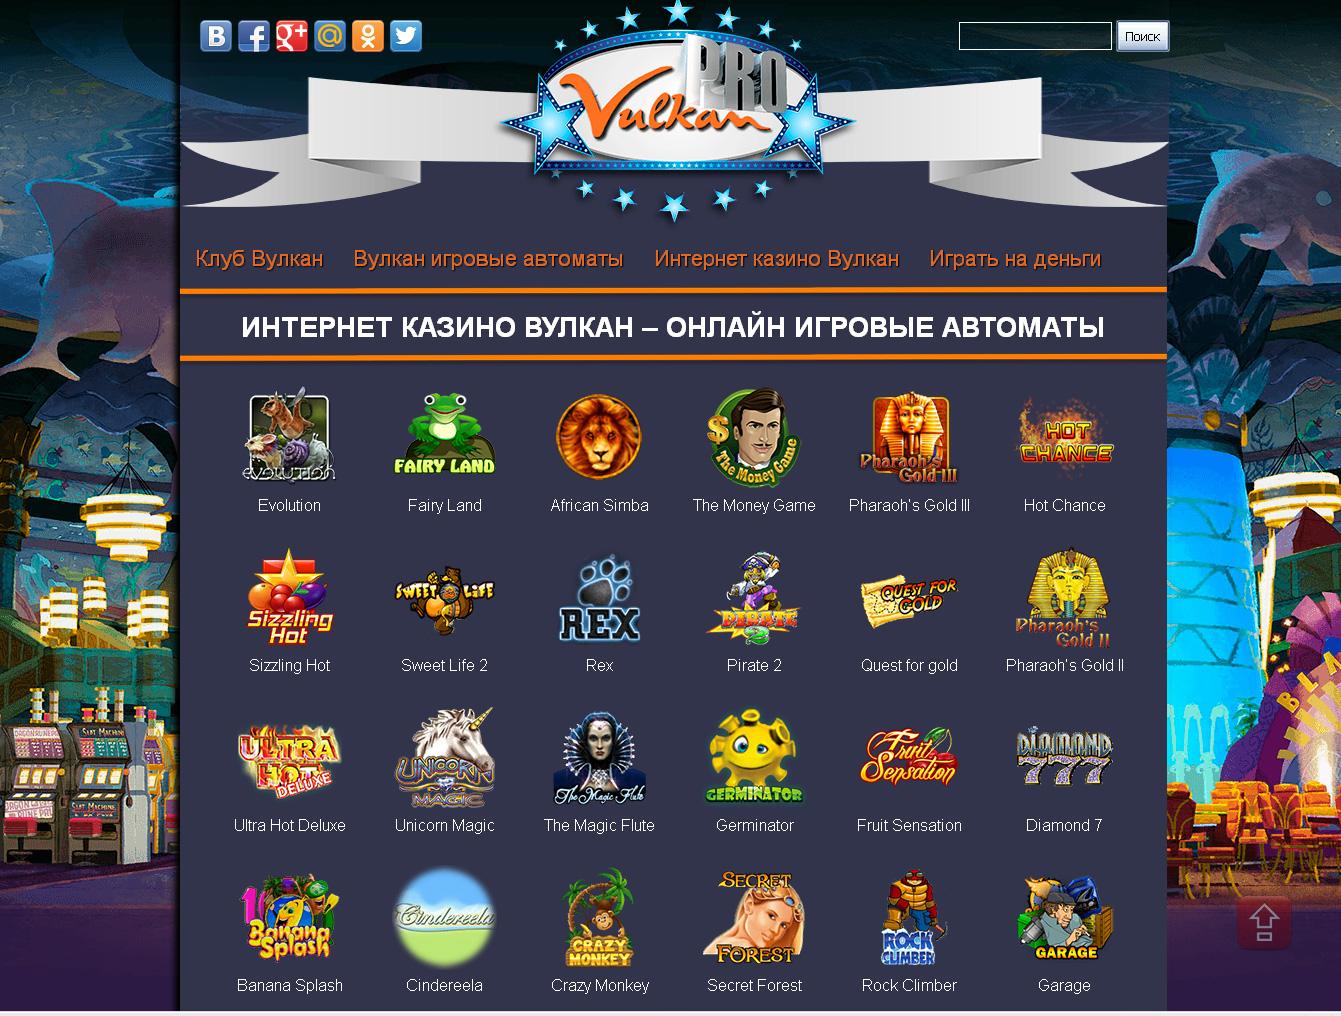 Интернет казино Вулкан – онлайн игровые автоматы